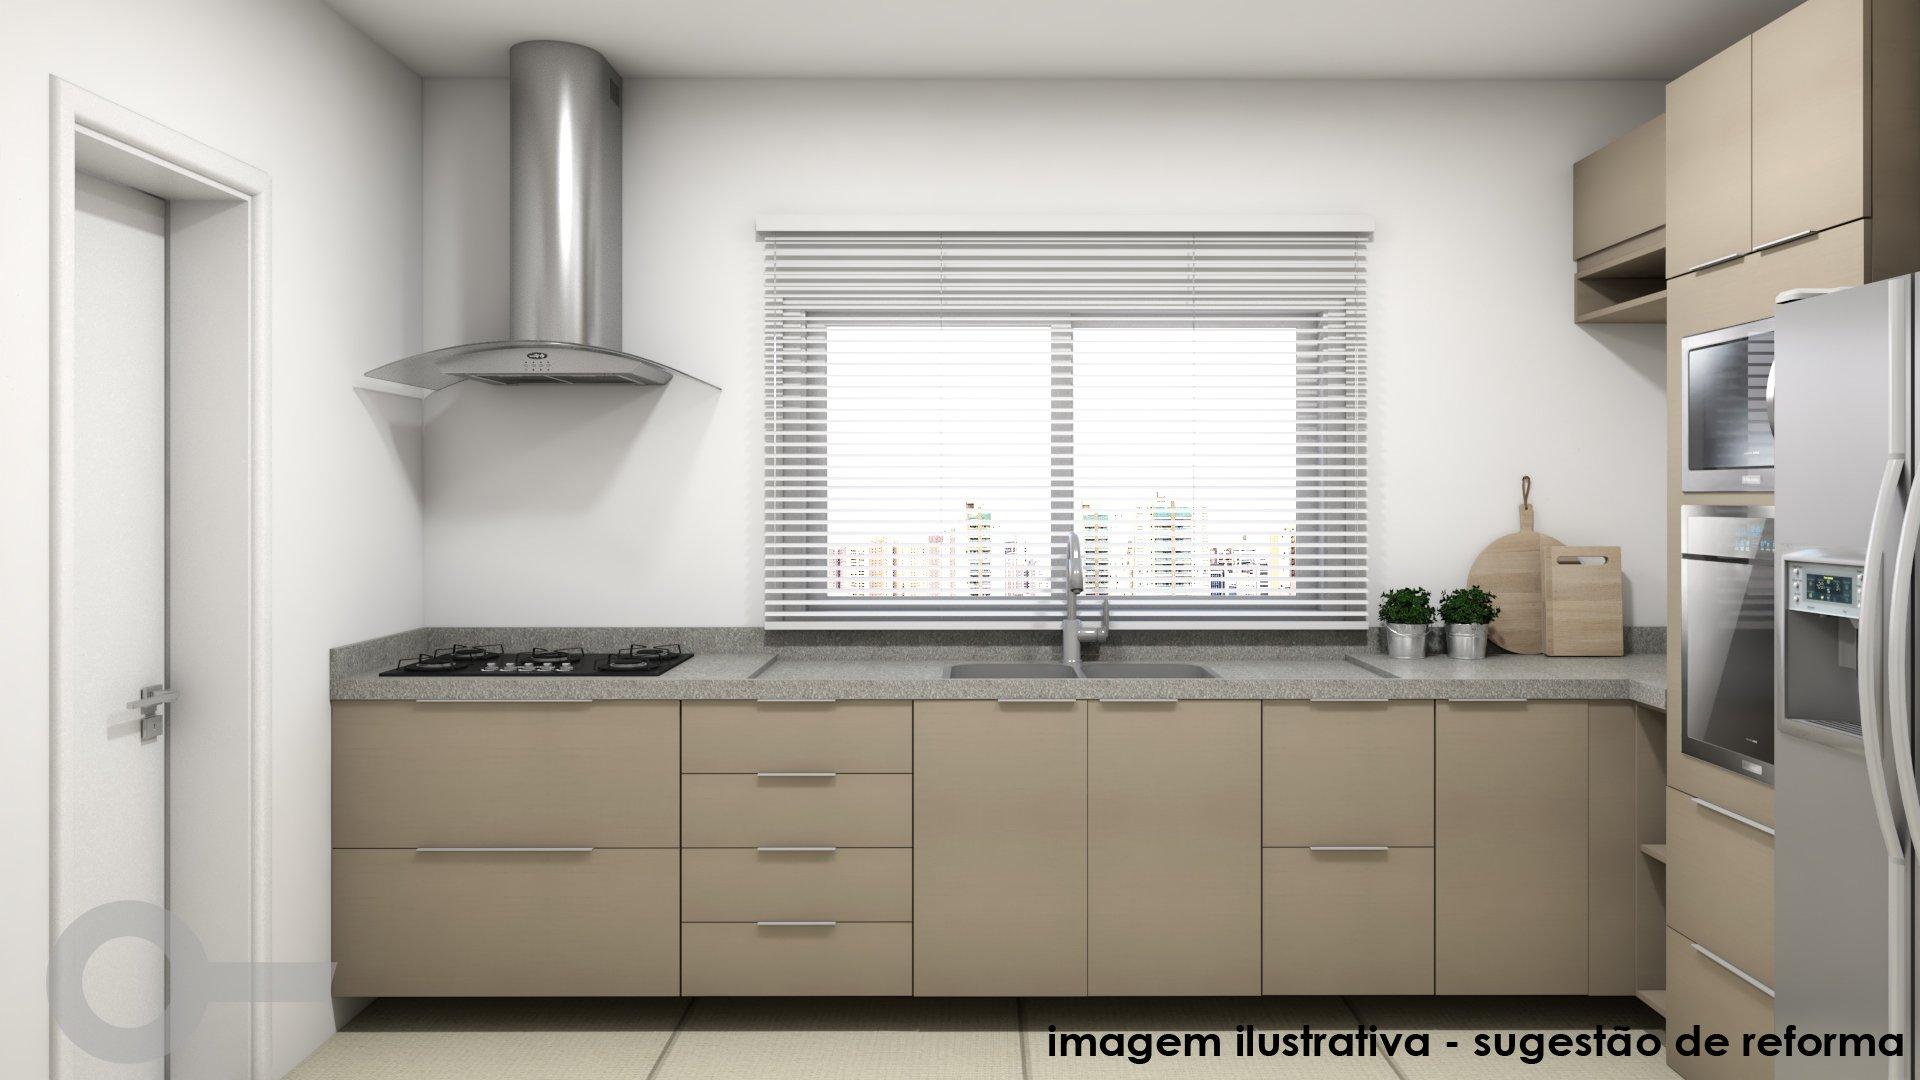 desktop_3d_kitchen02.jpg